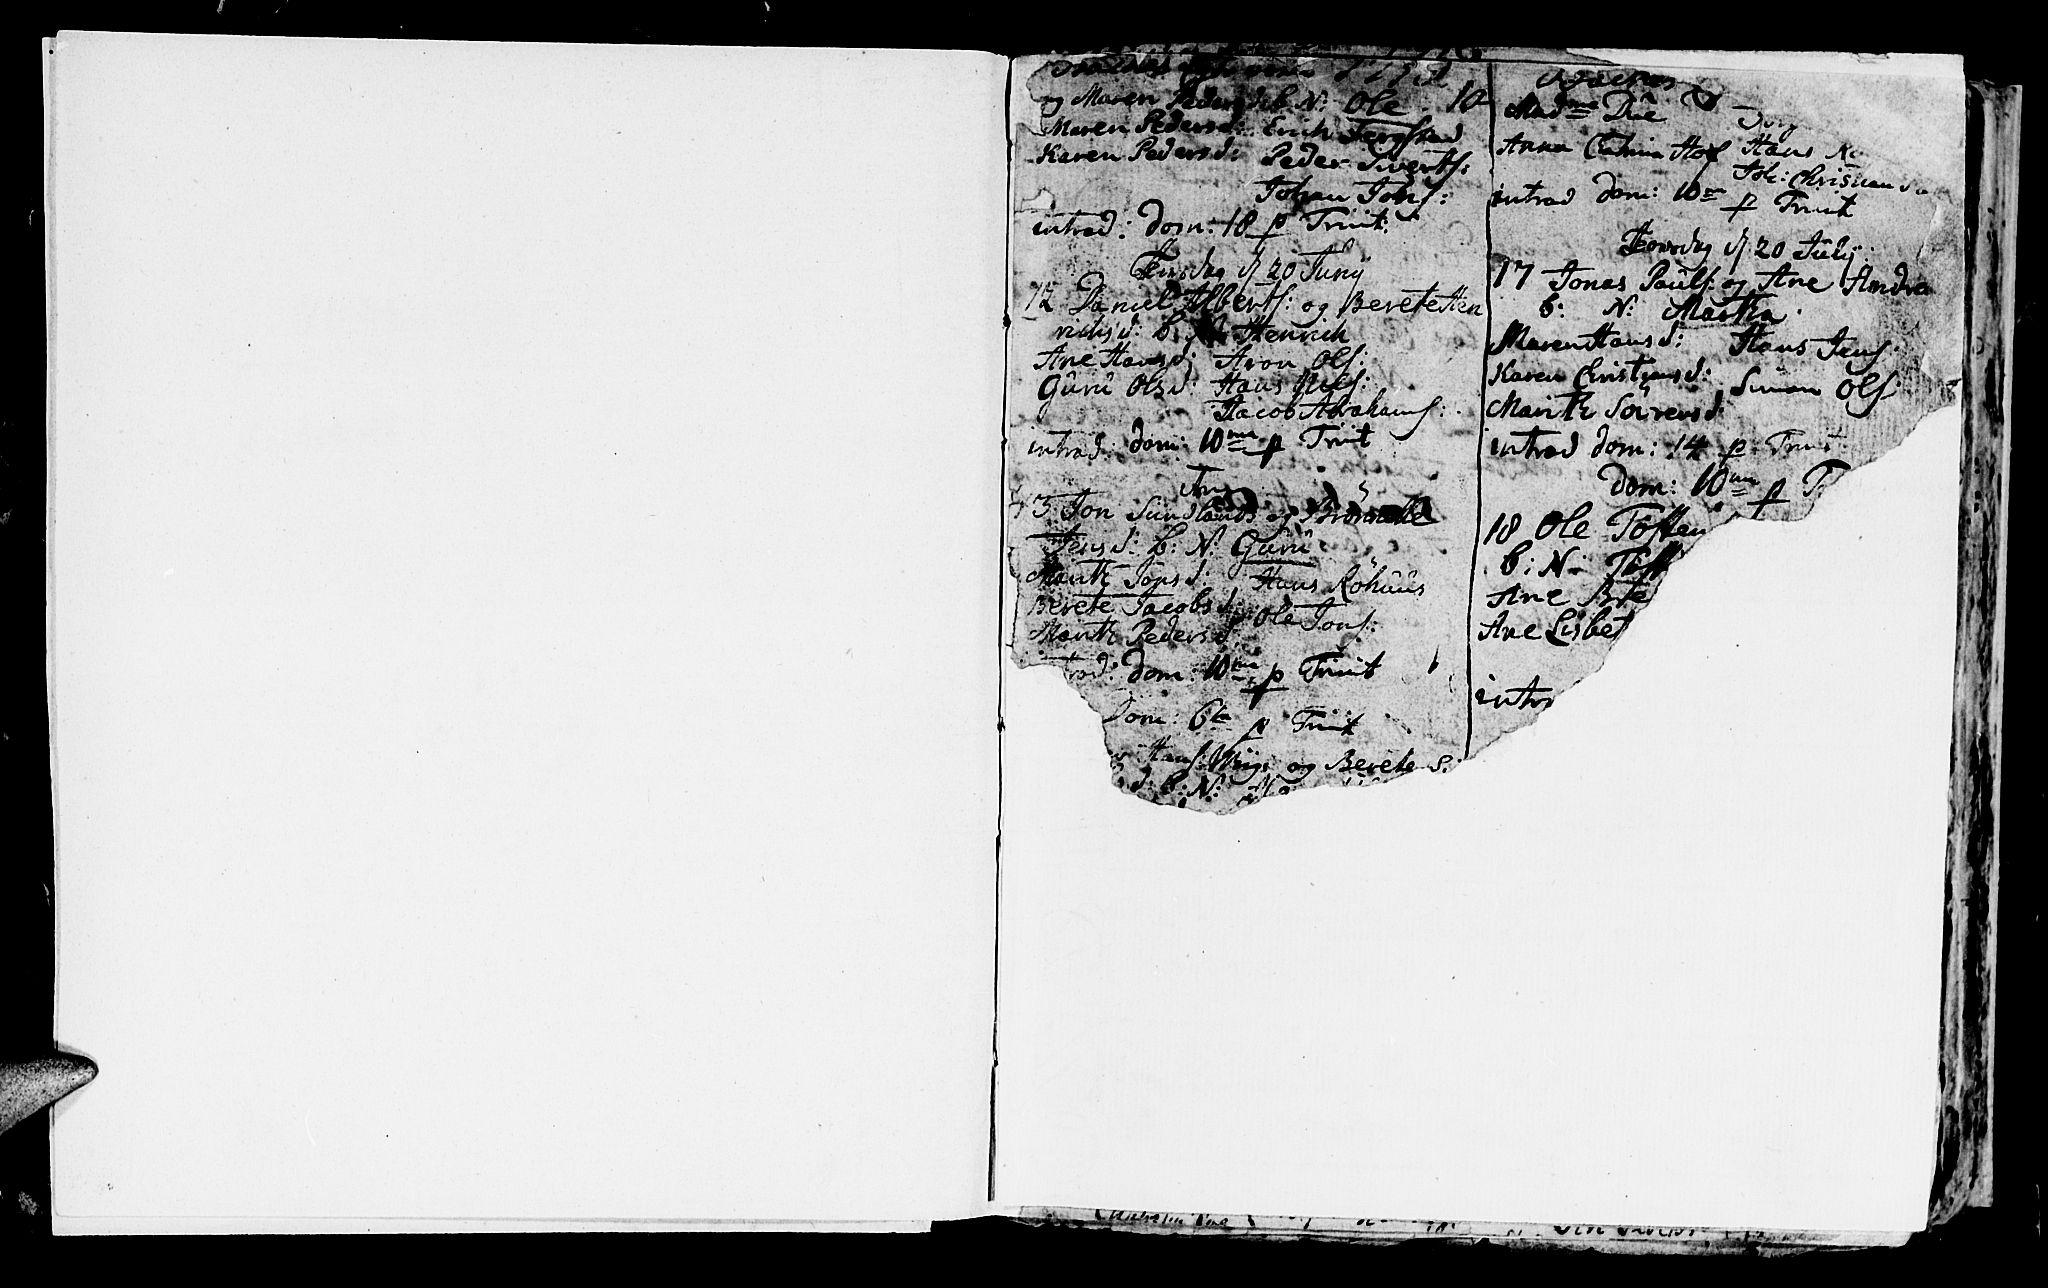 SAT, Ministerialprotokoller, klokkerbøker og fødselsregistre - Sør-Trøndelag, 604/L0218: Klokkerbok nr. 604C01, 1754-1819, s. 1a